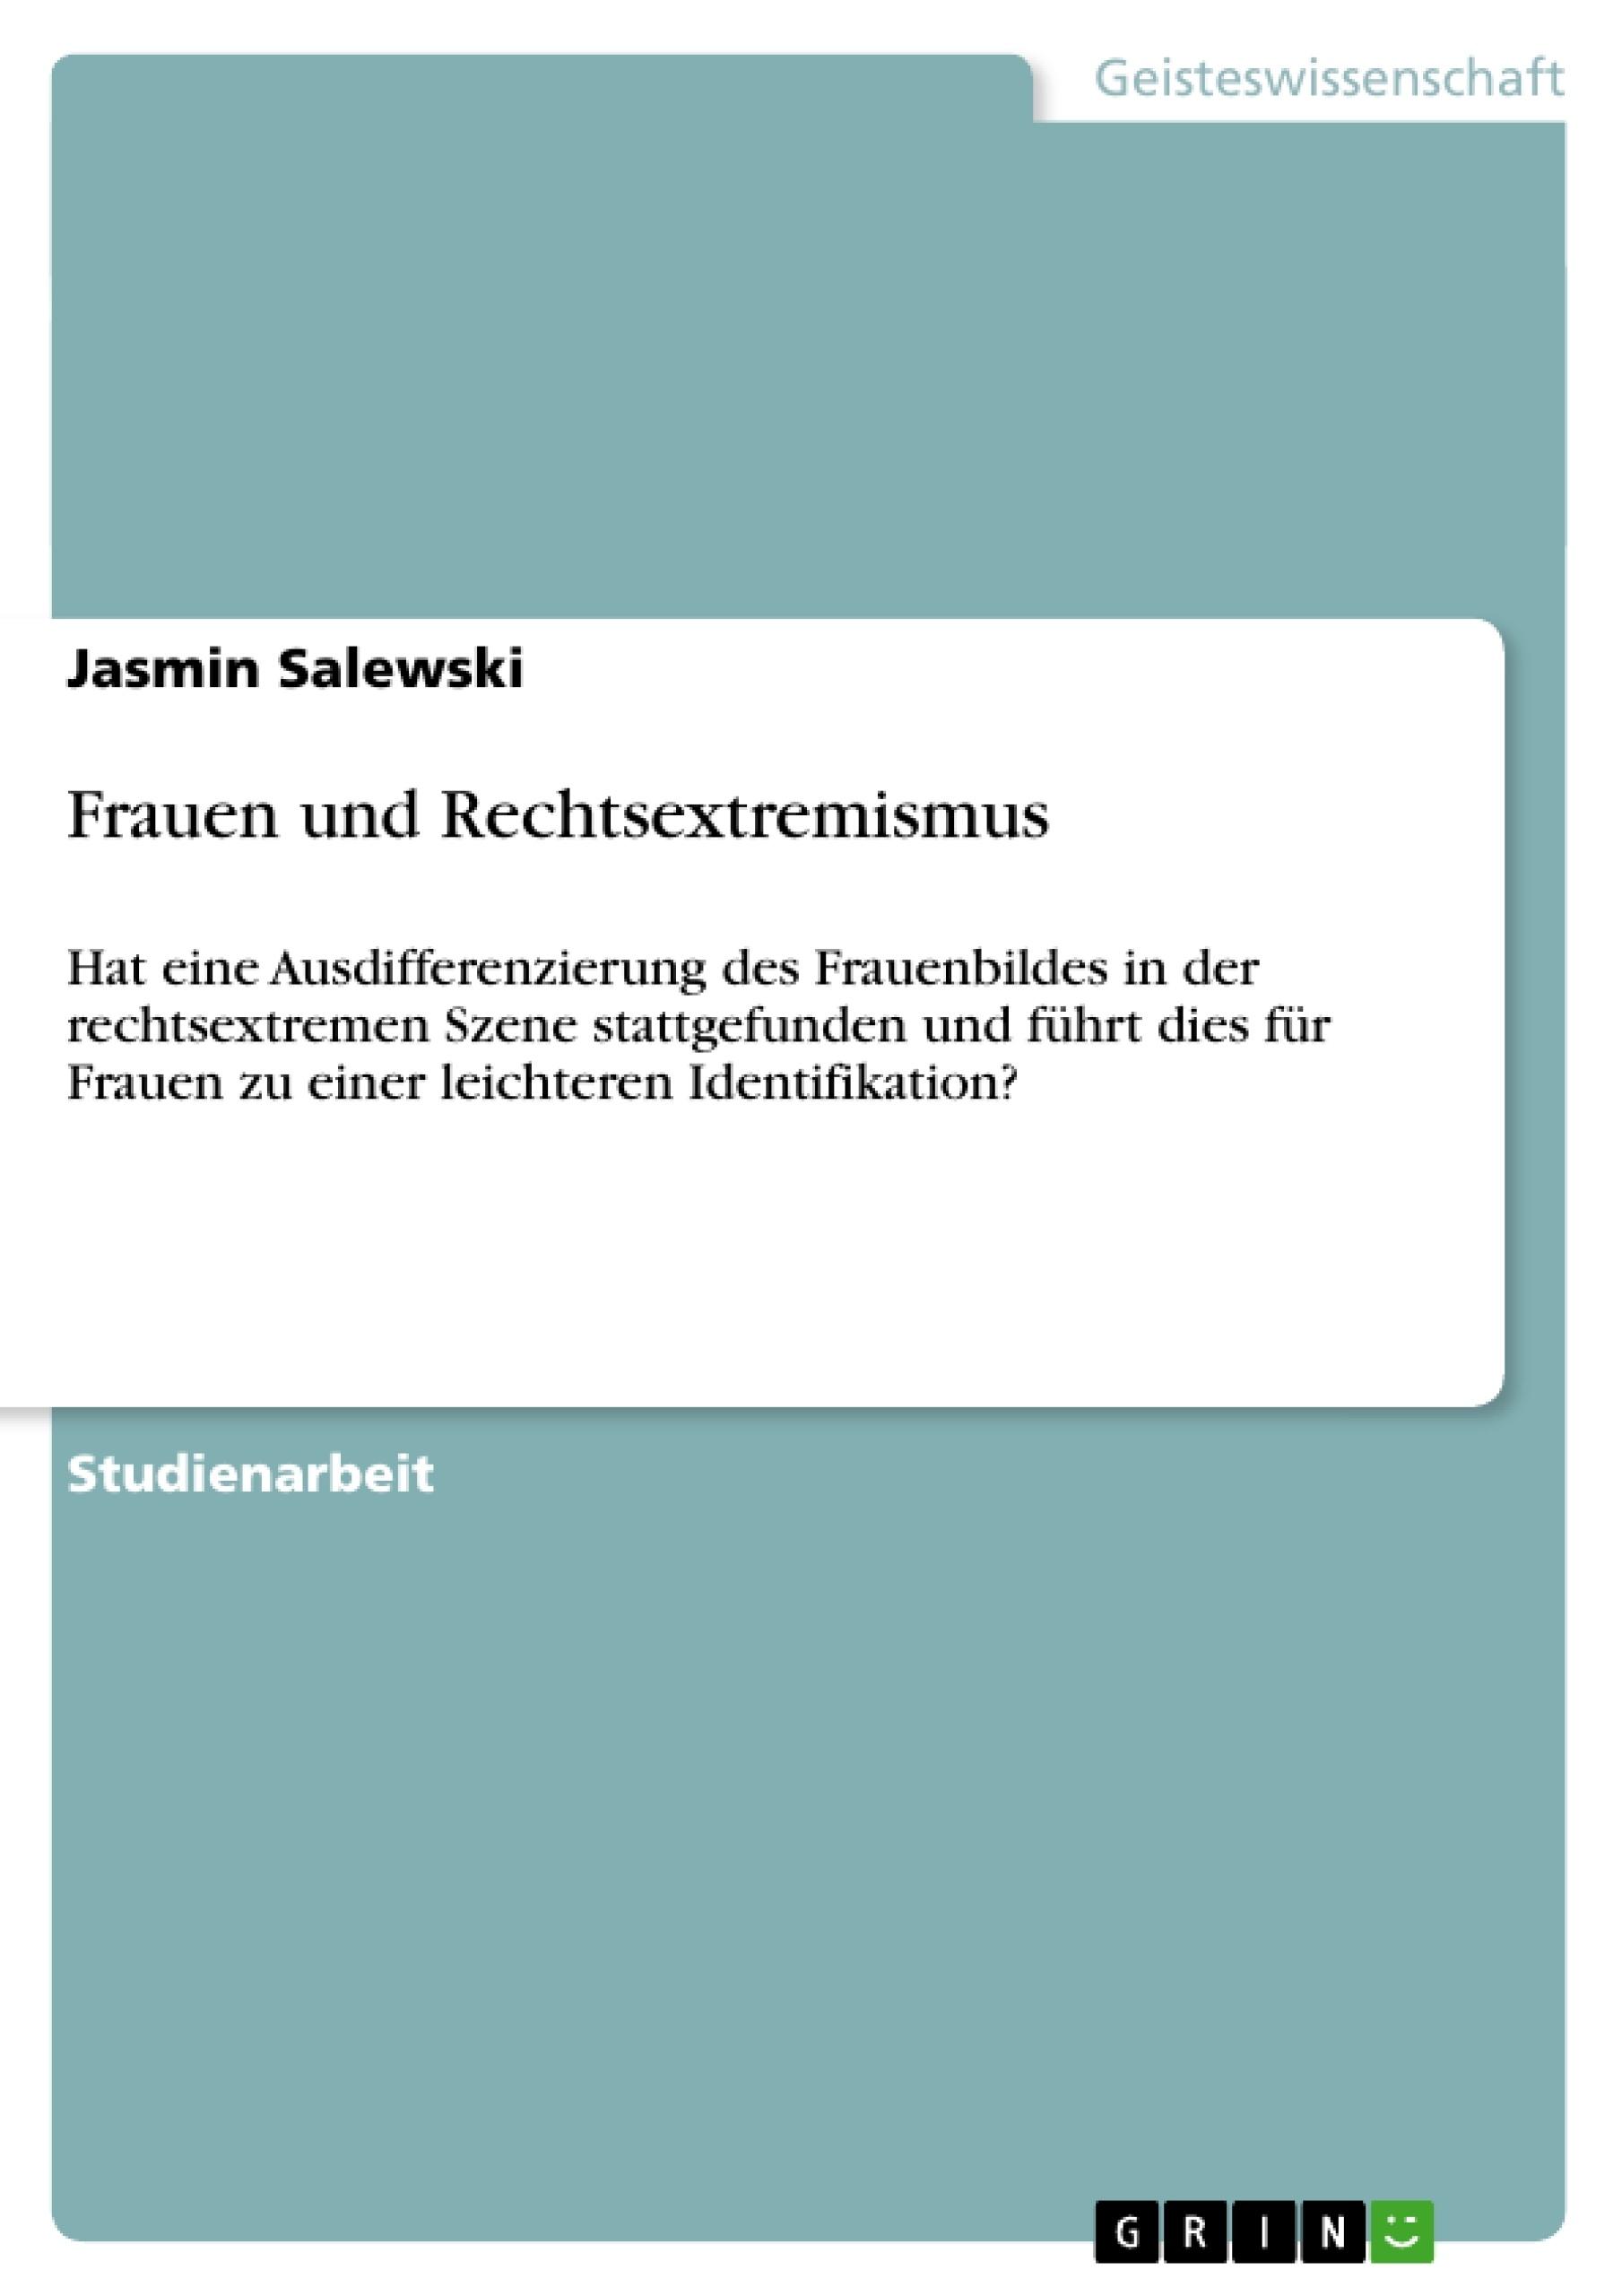 Titel: Frauen und Rechtsextremismus